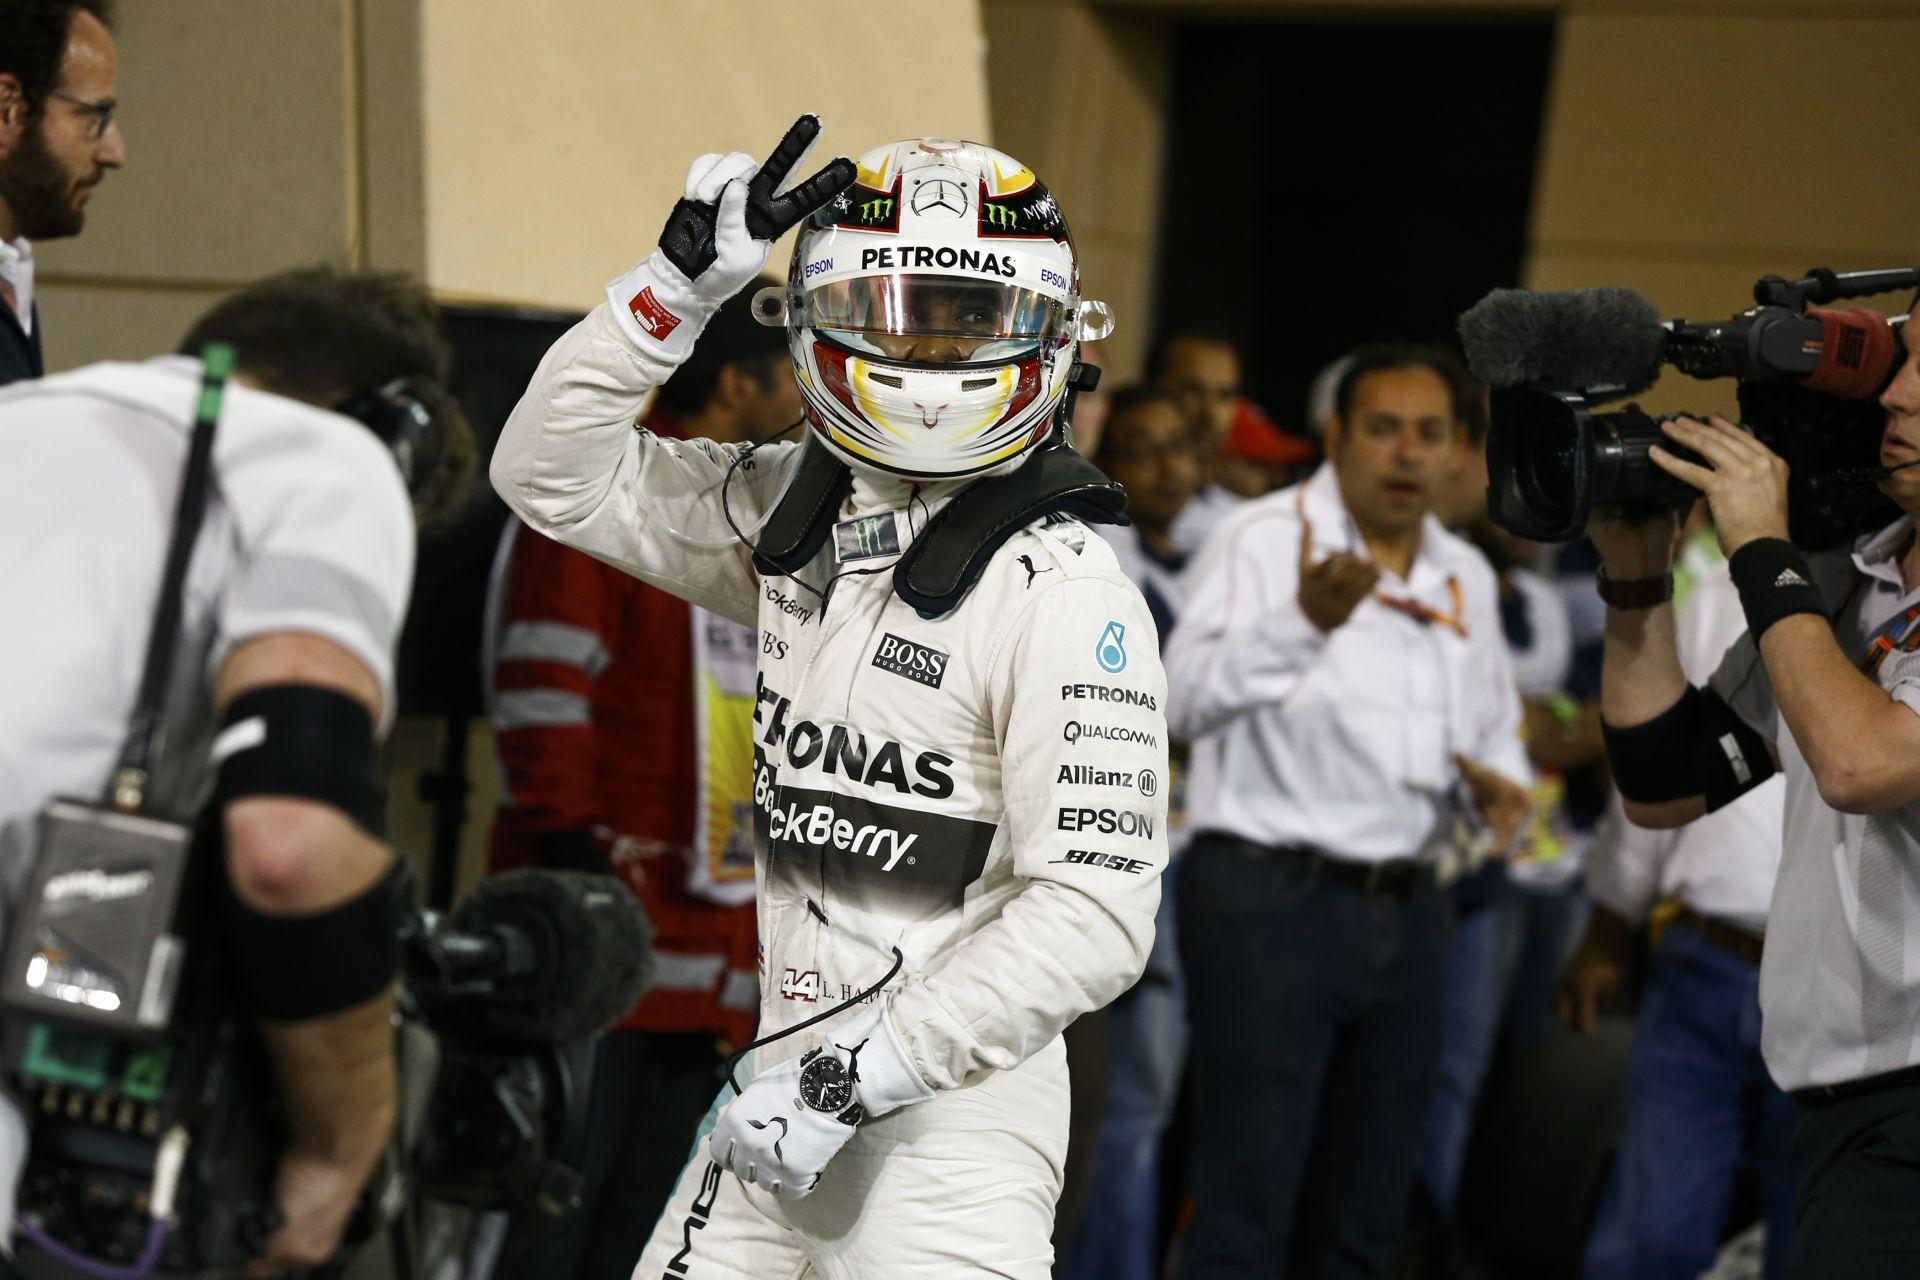 Bahreini Nagydíj 2015: Kövesd ÉLŐBEN a versenyt a sivatagi helyszínről! (17:00)